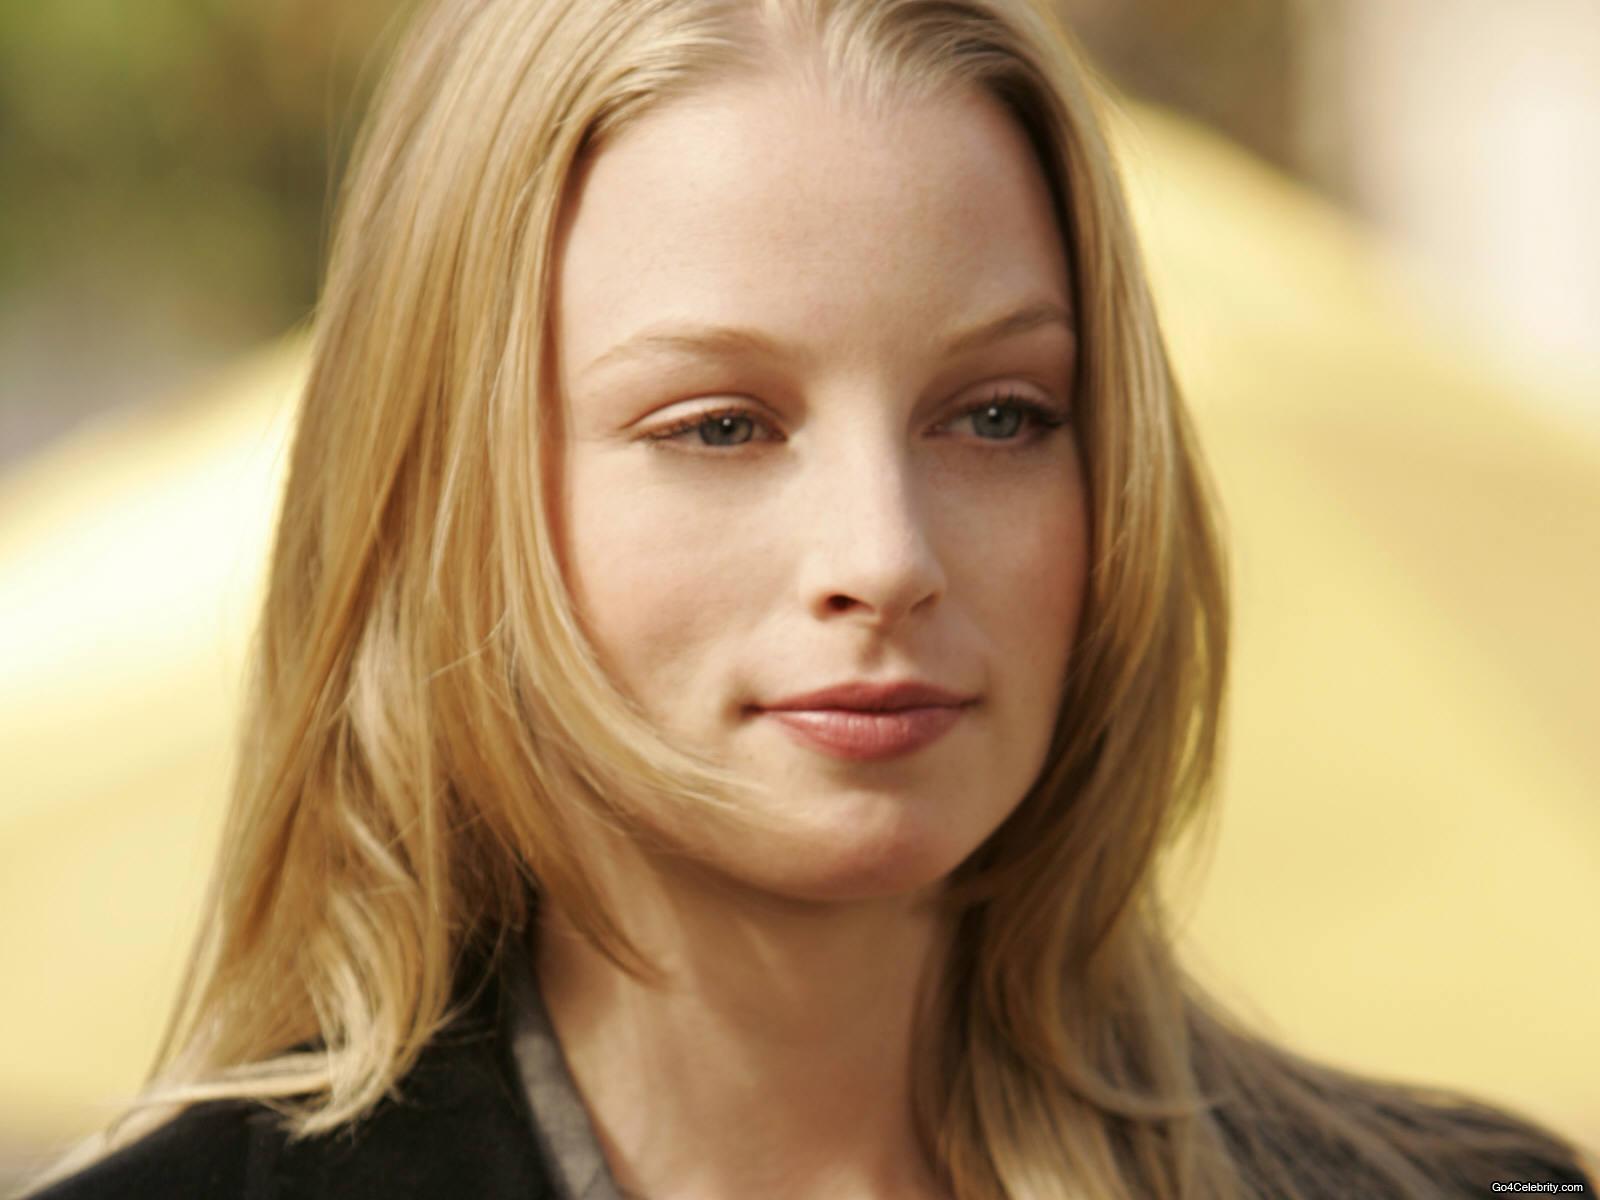 Rachel nichols actress pictures